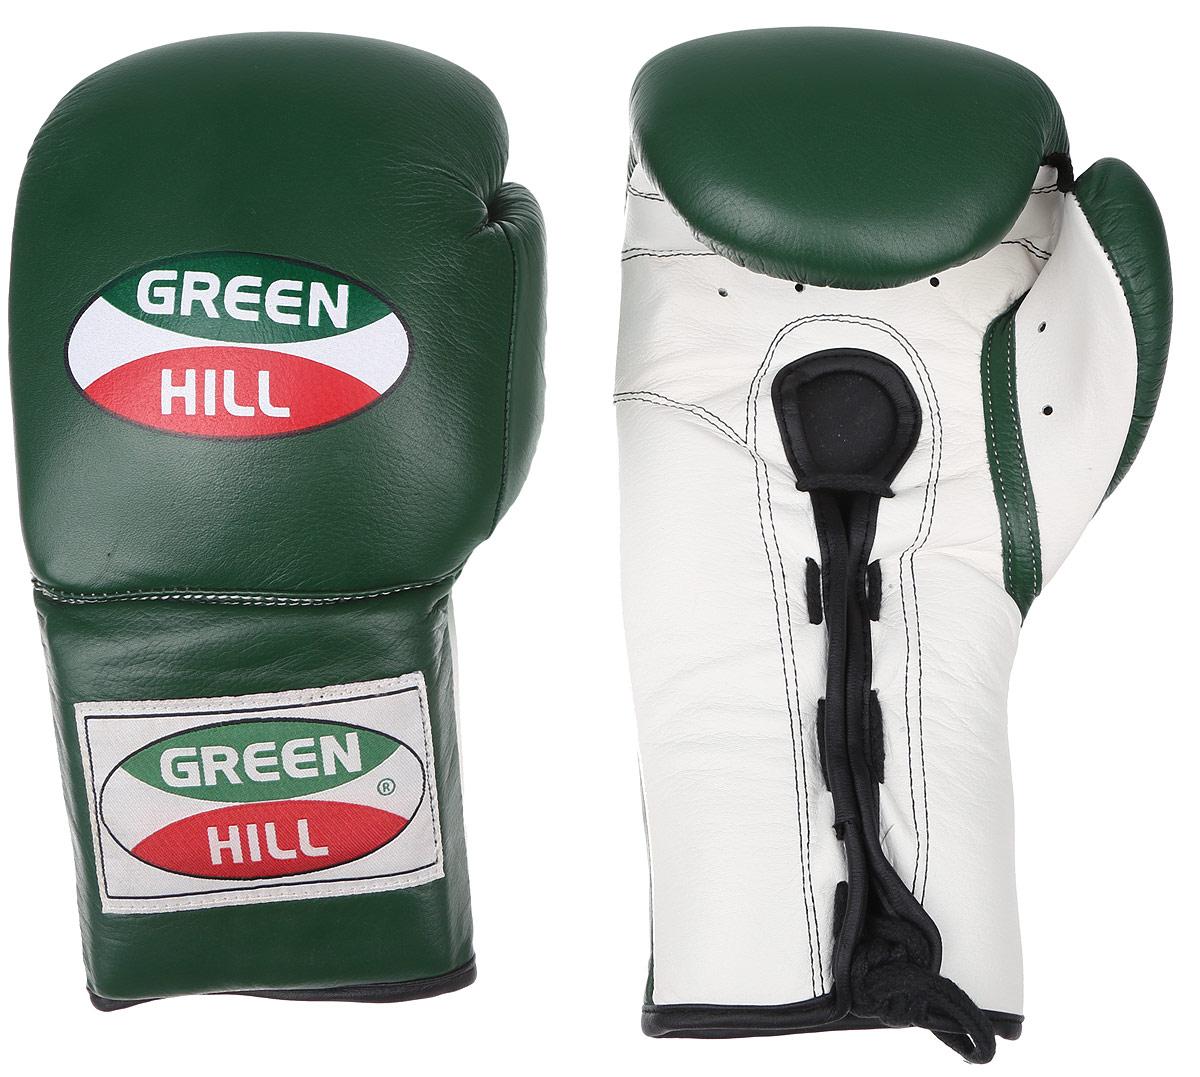 Перчатки боксерские Green Hill Proffi, цвет: зеленый, белый. Вес 14 унций. BGP-2014 перчатки боксерские green hill proffi цвет желтый черный белый вес 12 унций bgp 2014